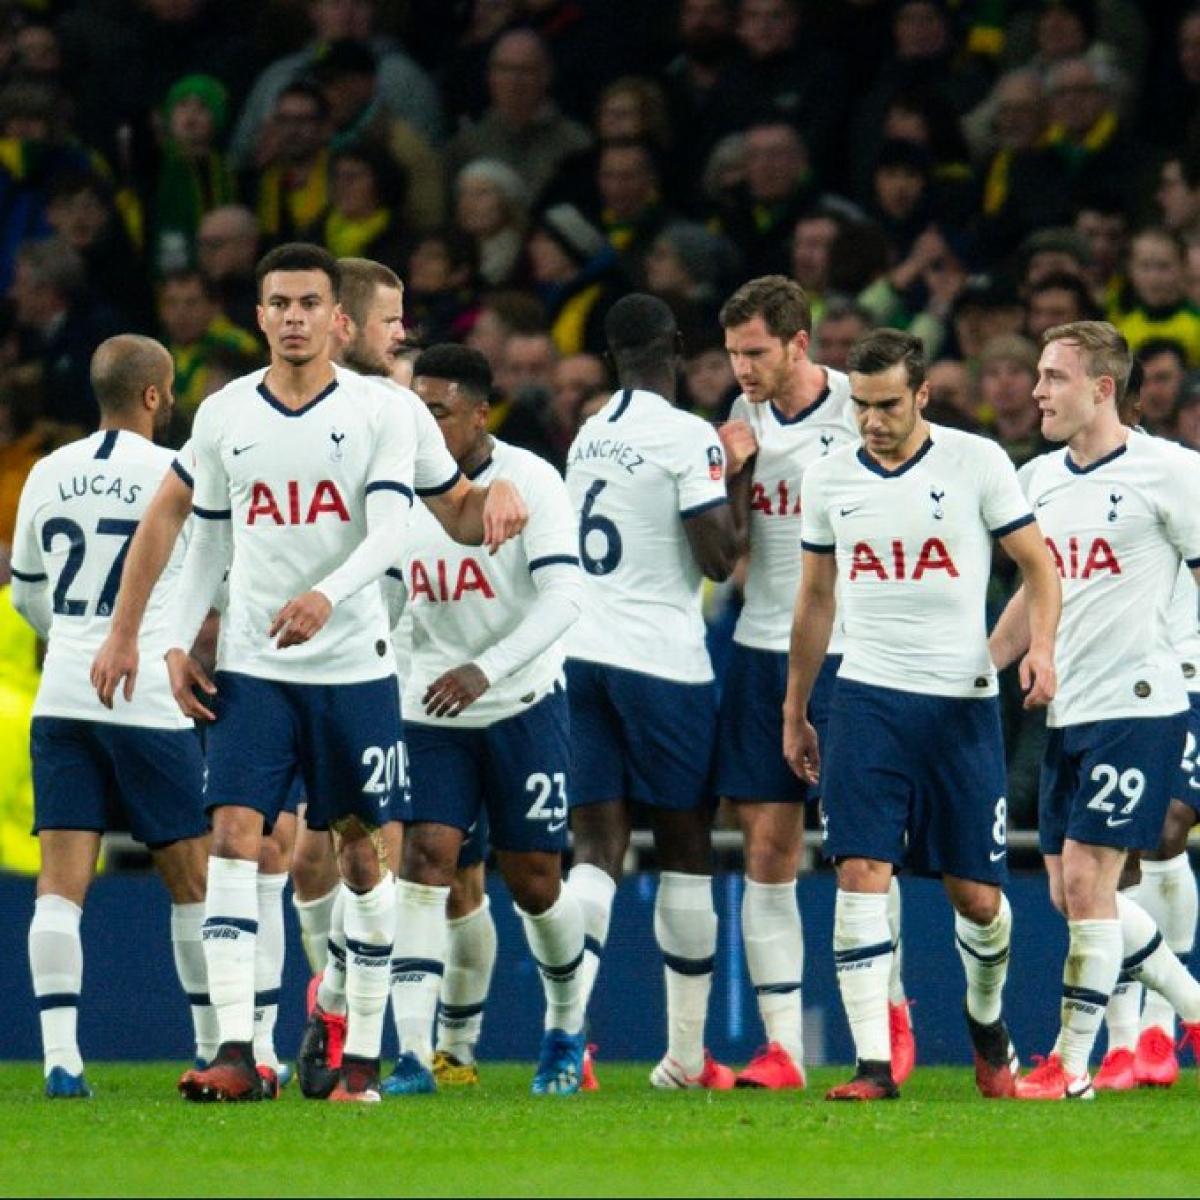 FA Cup: Tottenham Hotspurs crash out; Man City, Leicester advances to quarter-finals